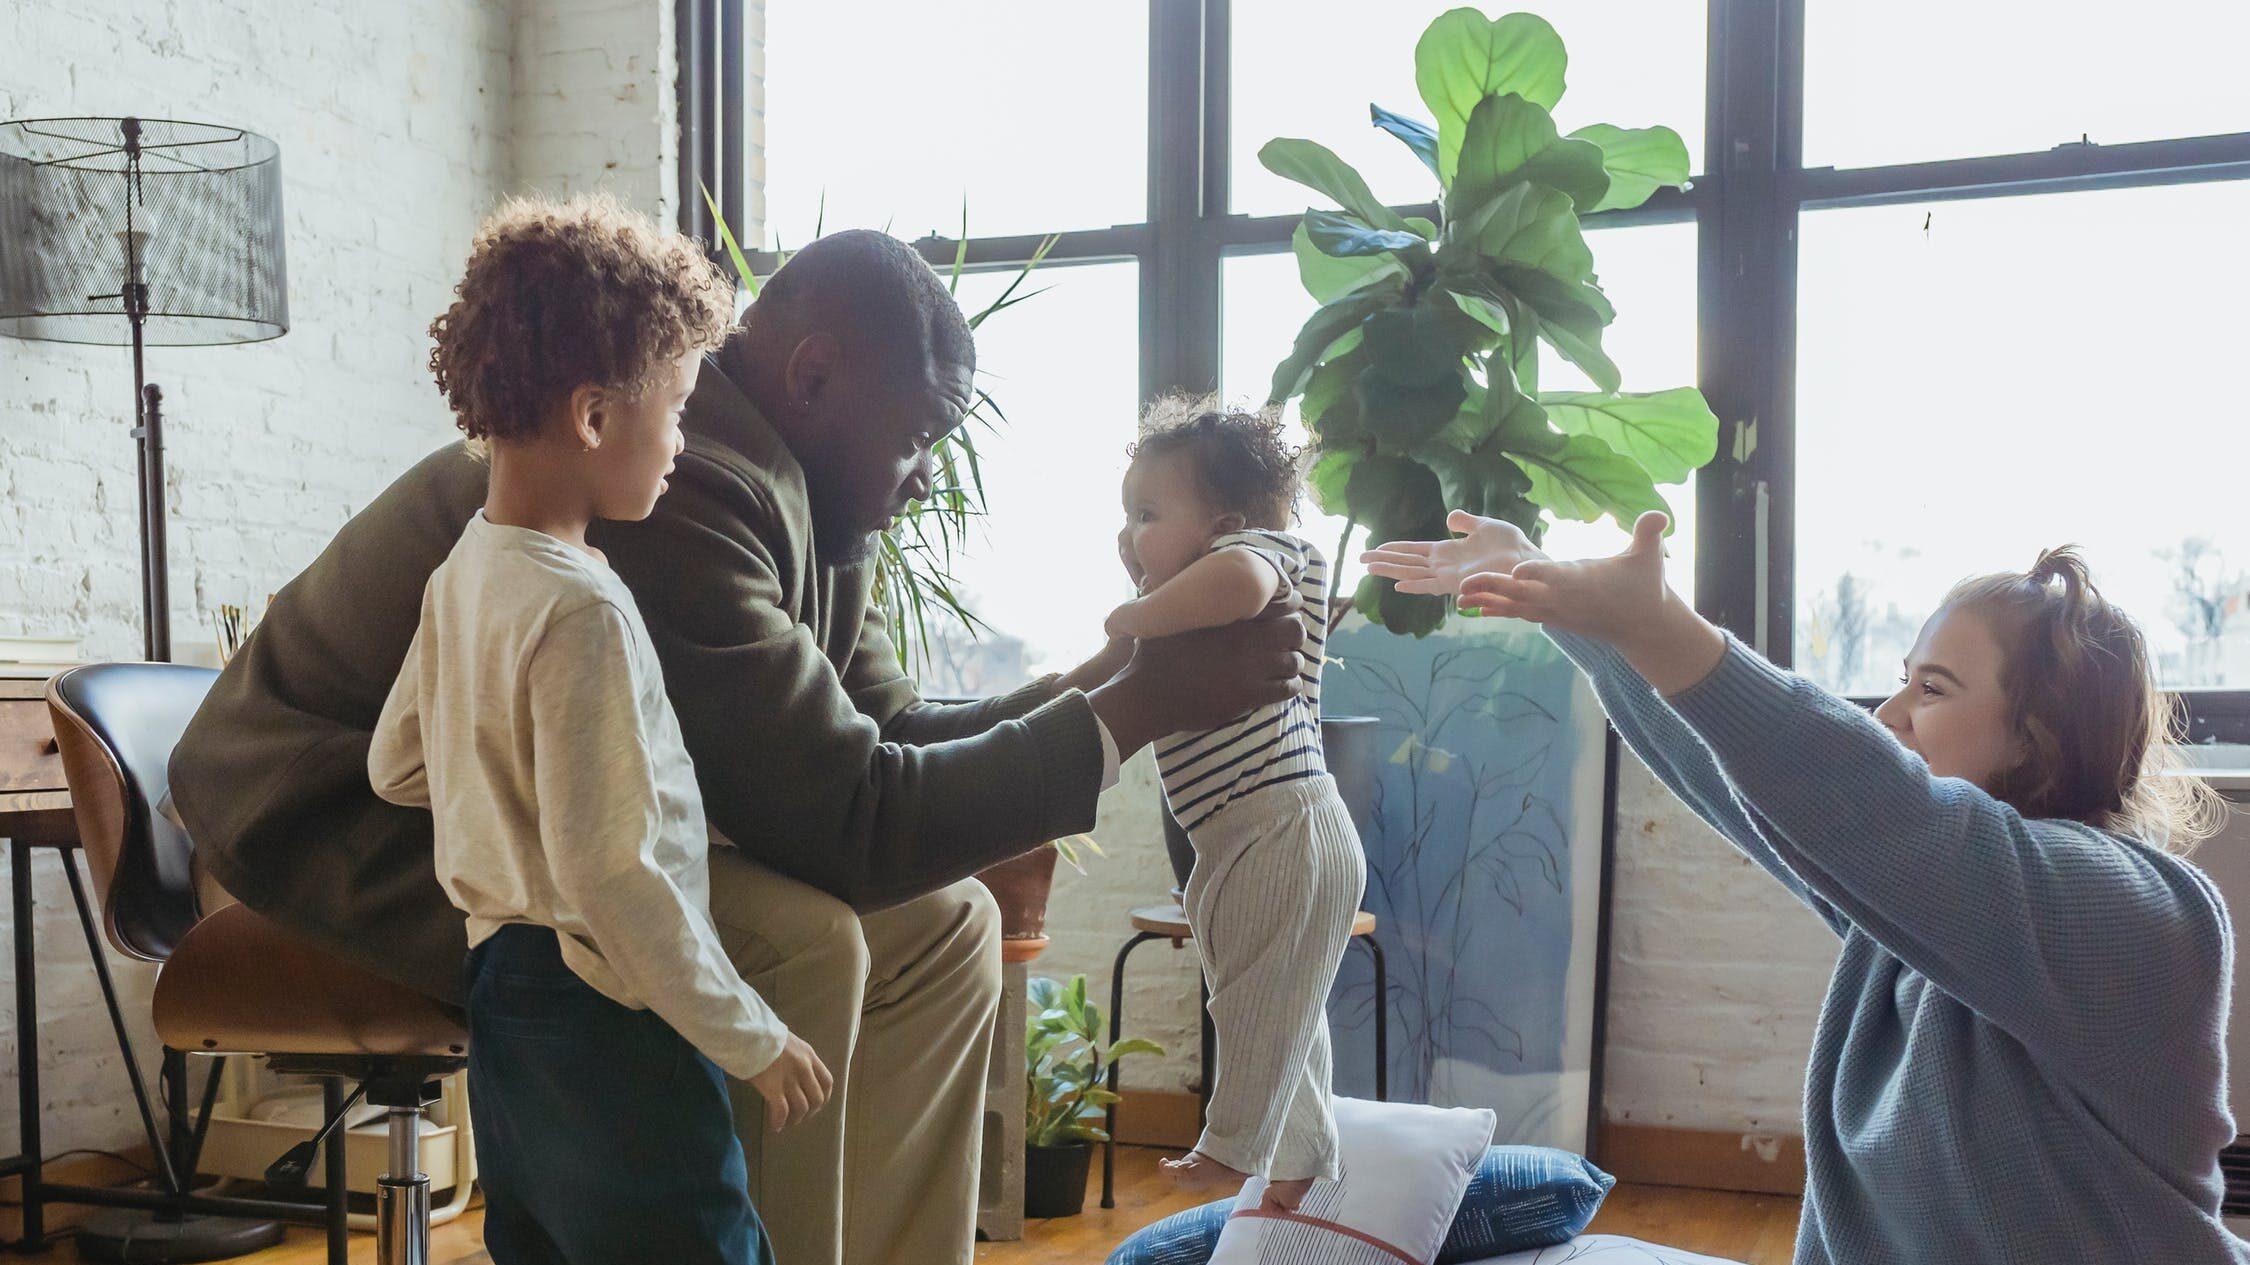 家族の幸せは母親で決まる?のイメージ画像1